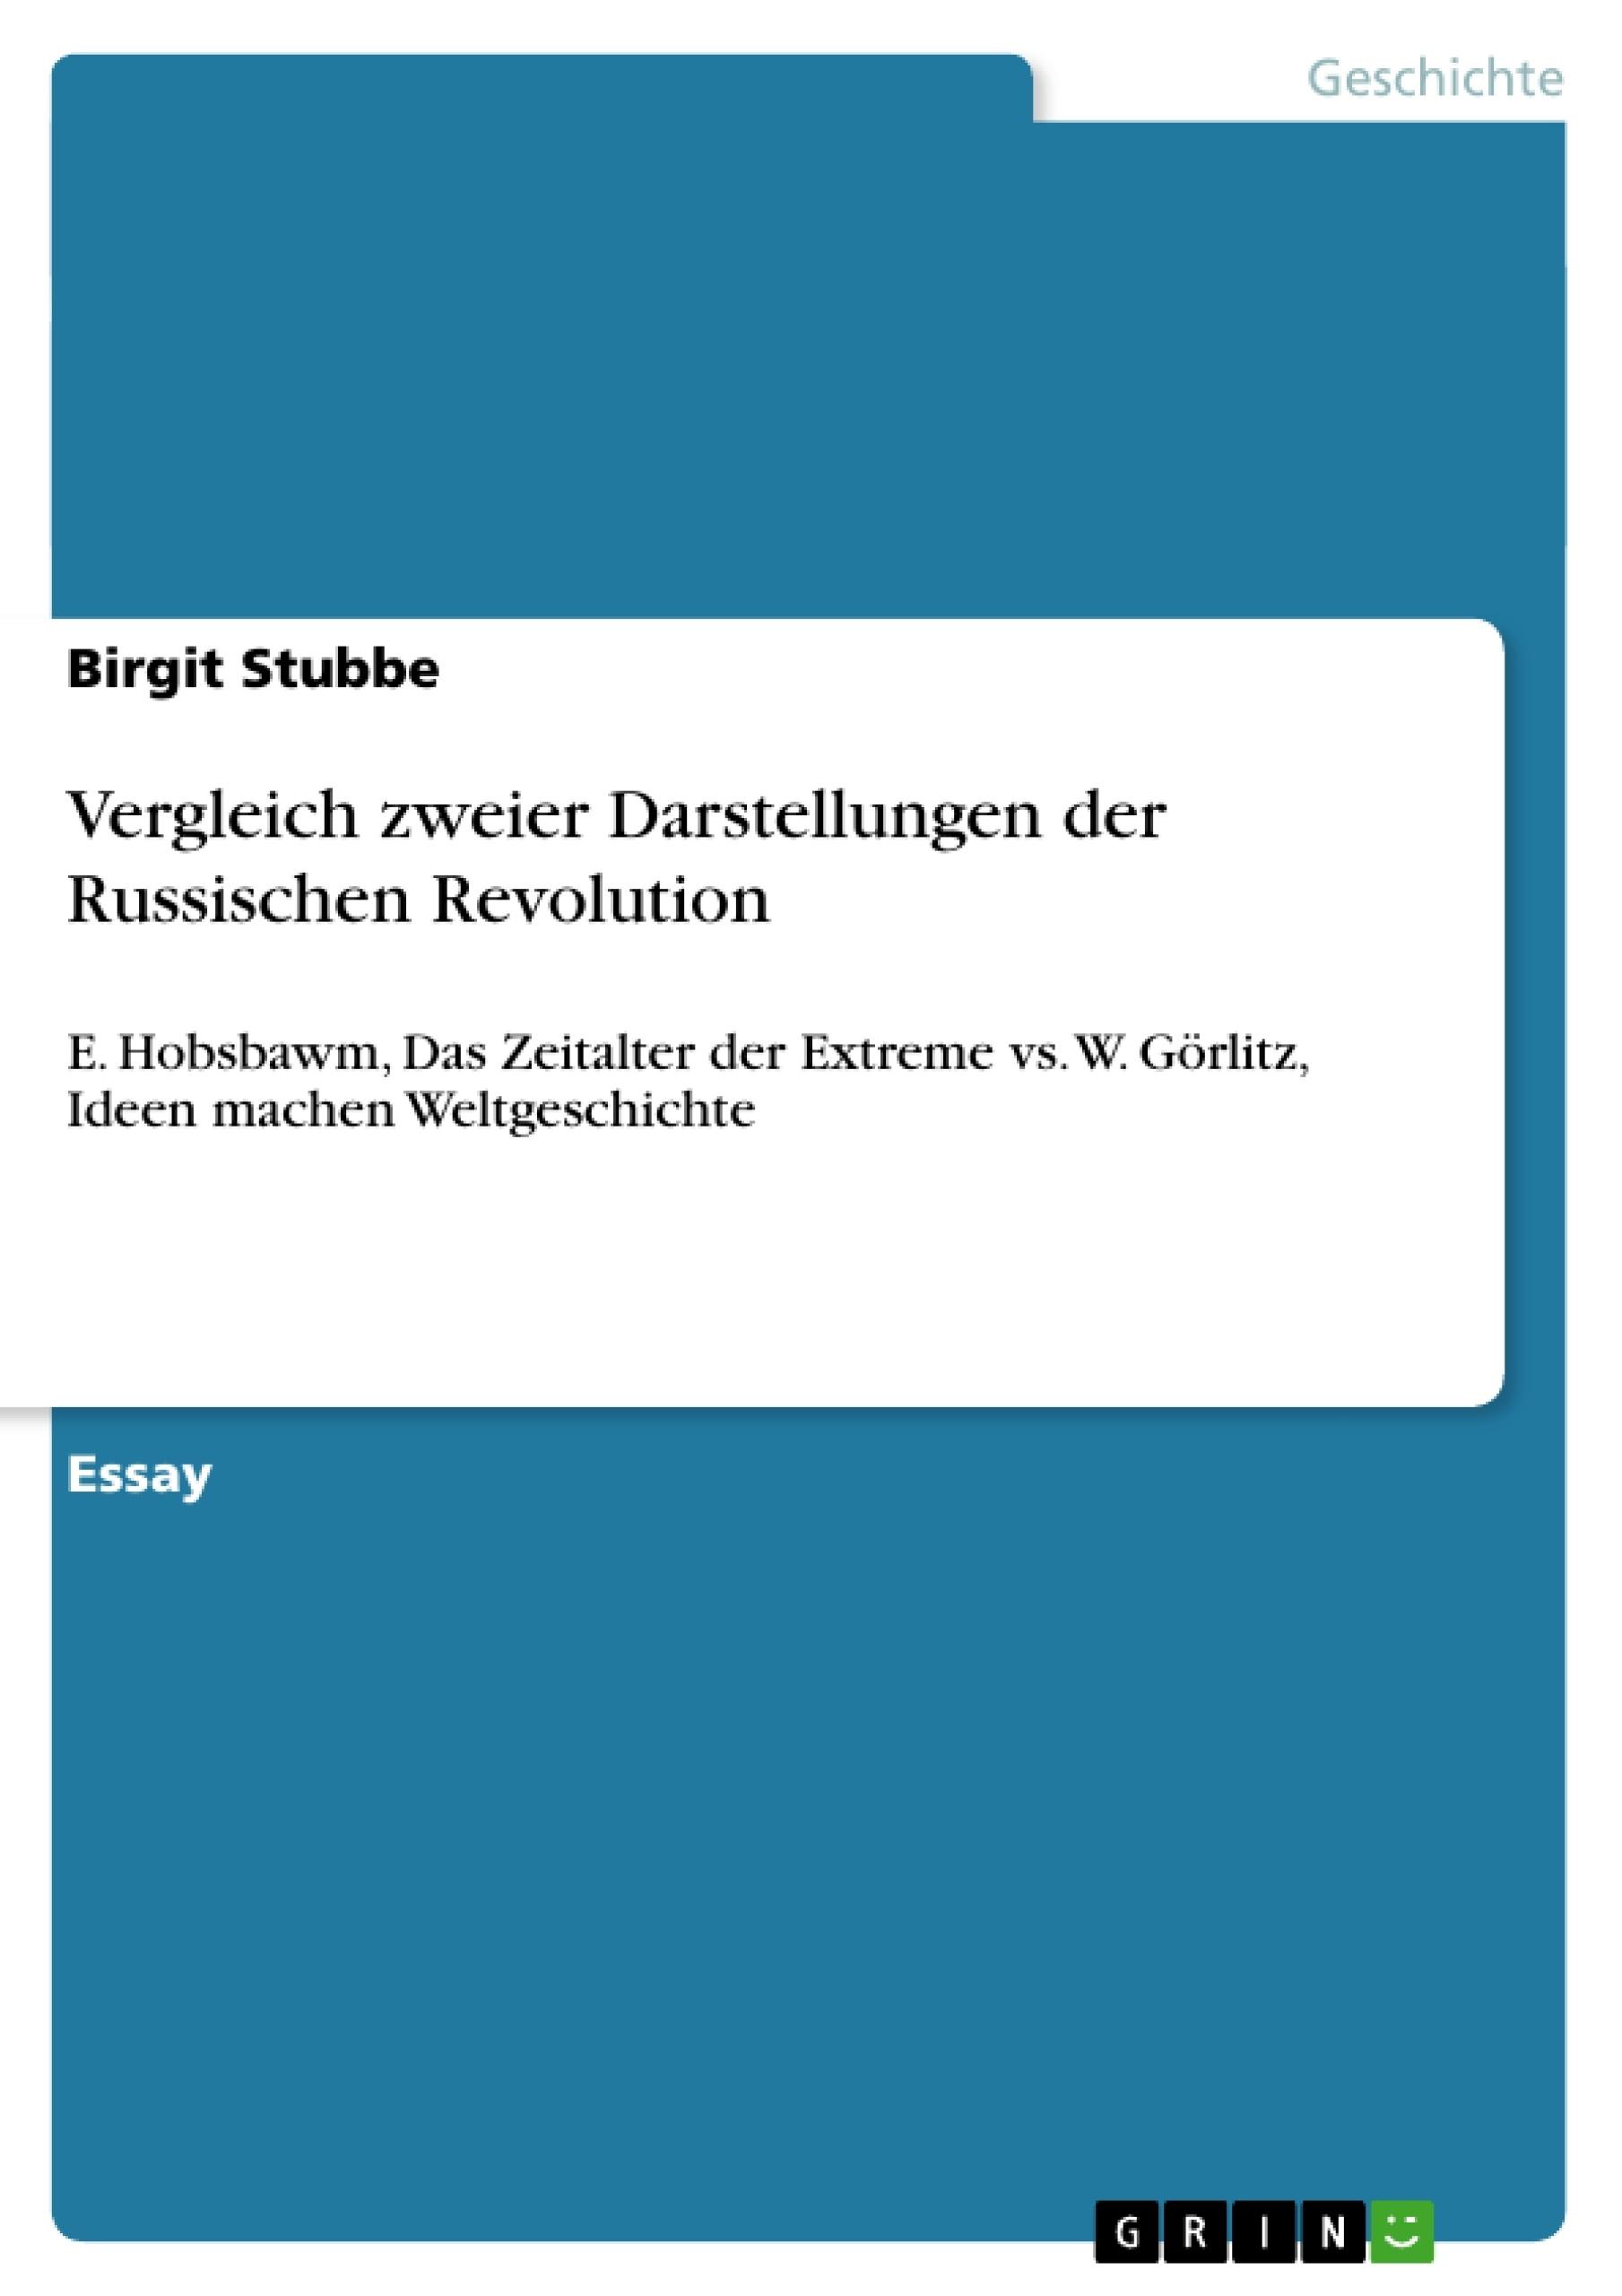 Titel: Vergleich zweier Darstellungen der Russischen Revolution